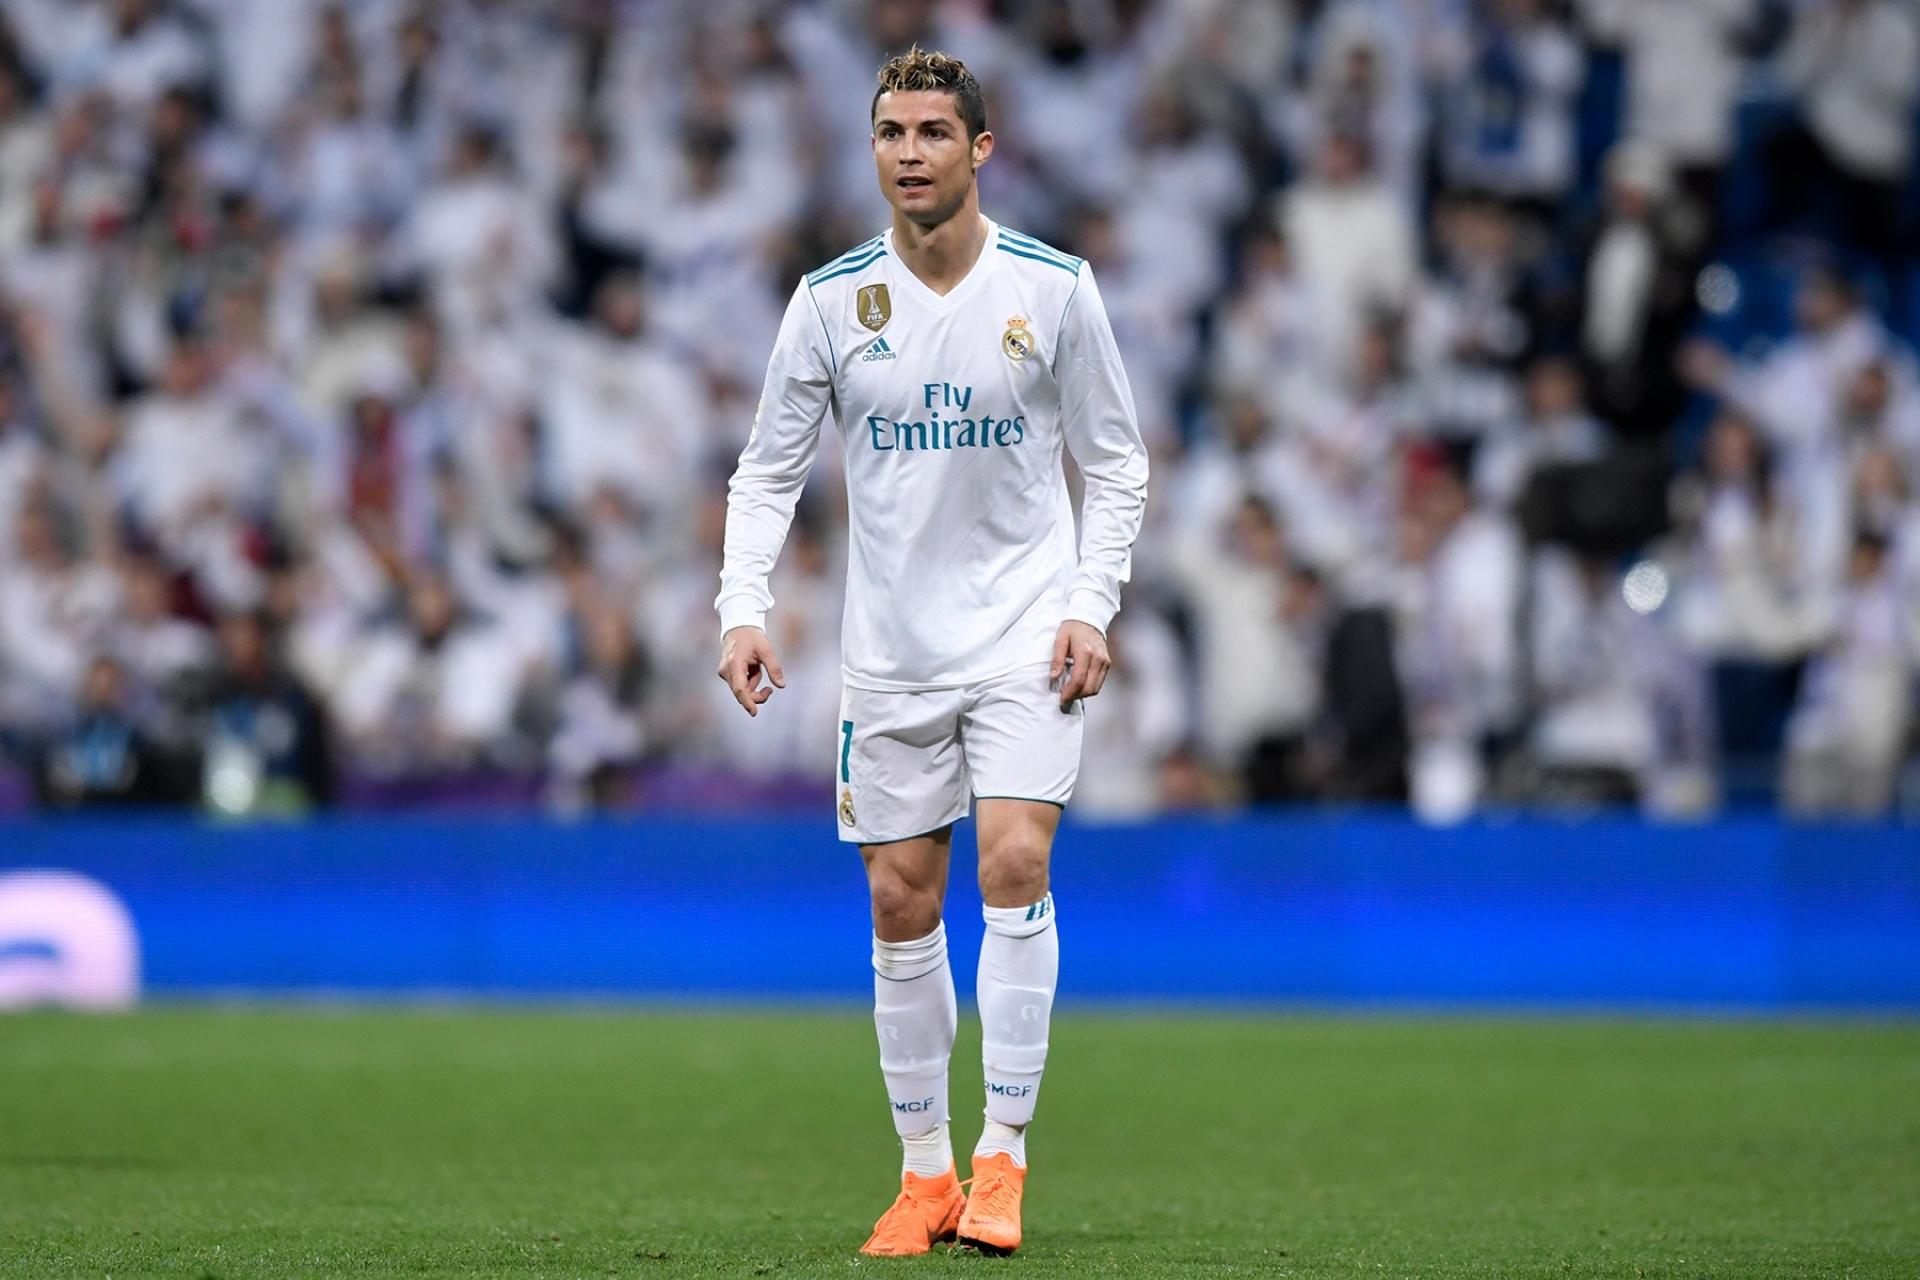 بالصور خلفيات كرستيانو رونالدو 2019 , اشهر لعيبه كره القدم البرتغالي 2051 5